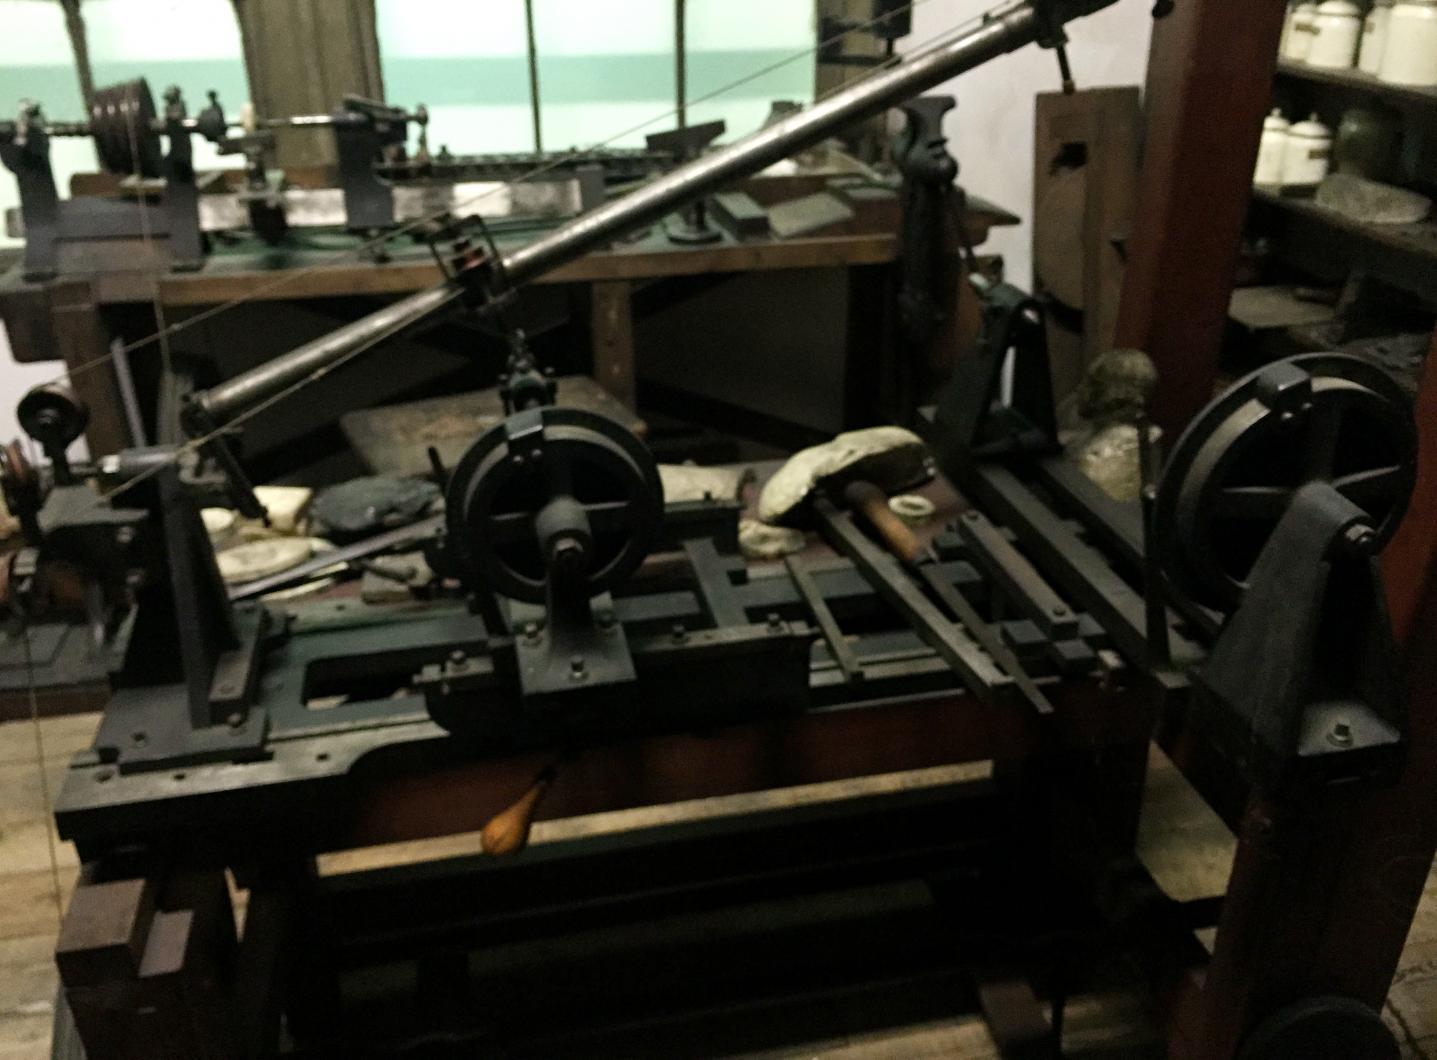 Watts Steam Engine, 1776 - Stories of Change